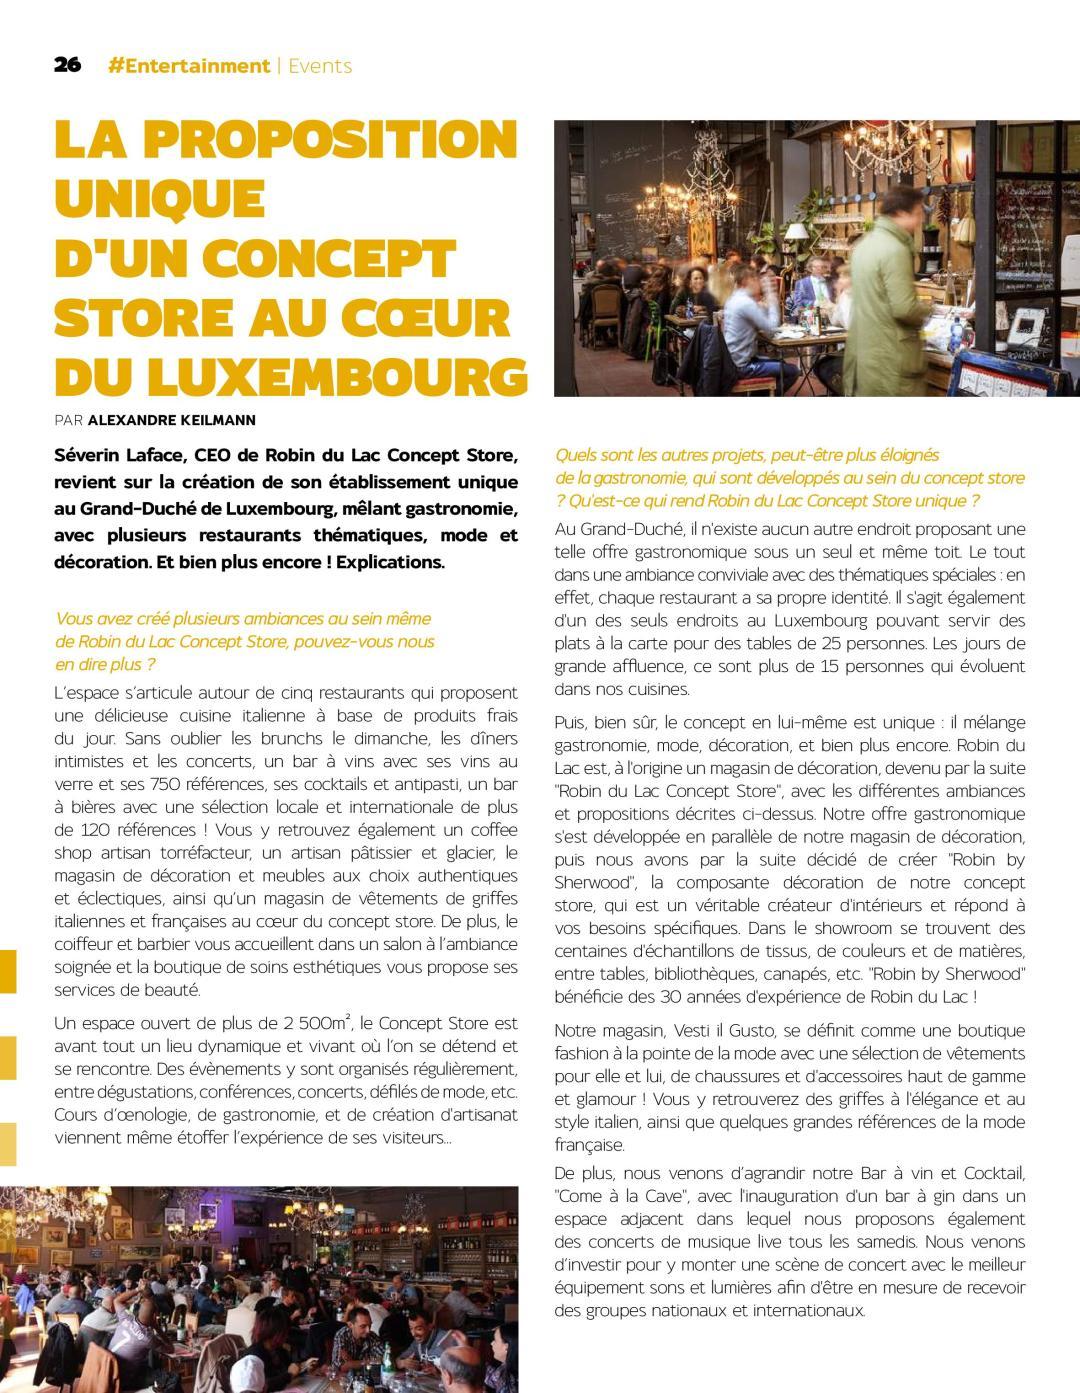 La proposition unique d'un concept store au coeur du Luxembourg - Ronin du Lac Concept Store - UrbanBeast #17 - Hiver 2019-page-001